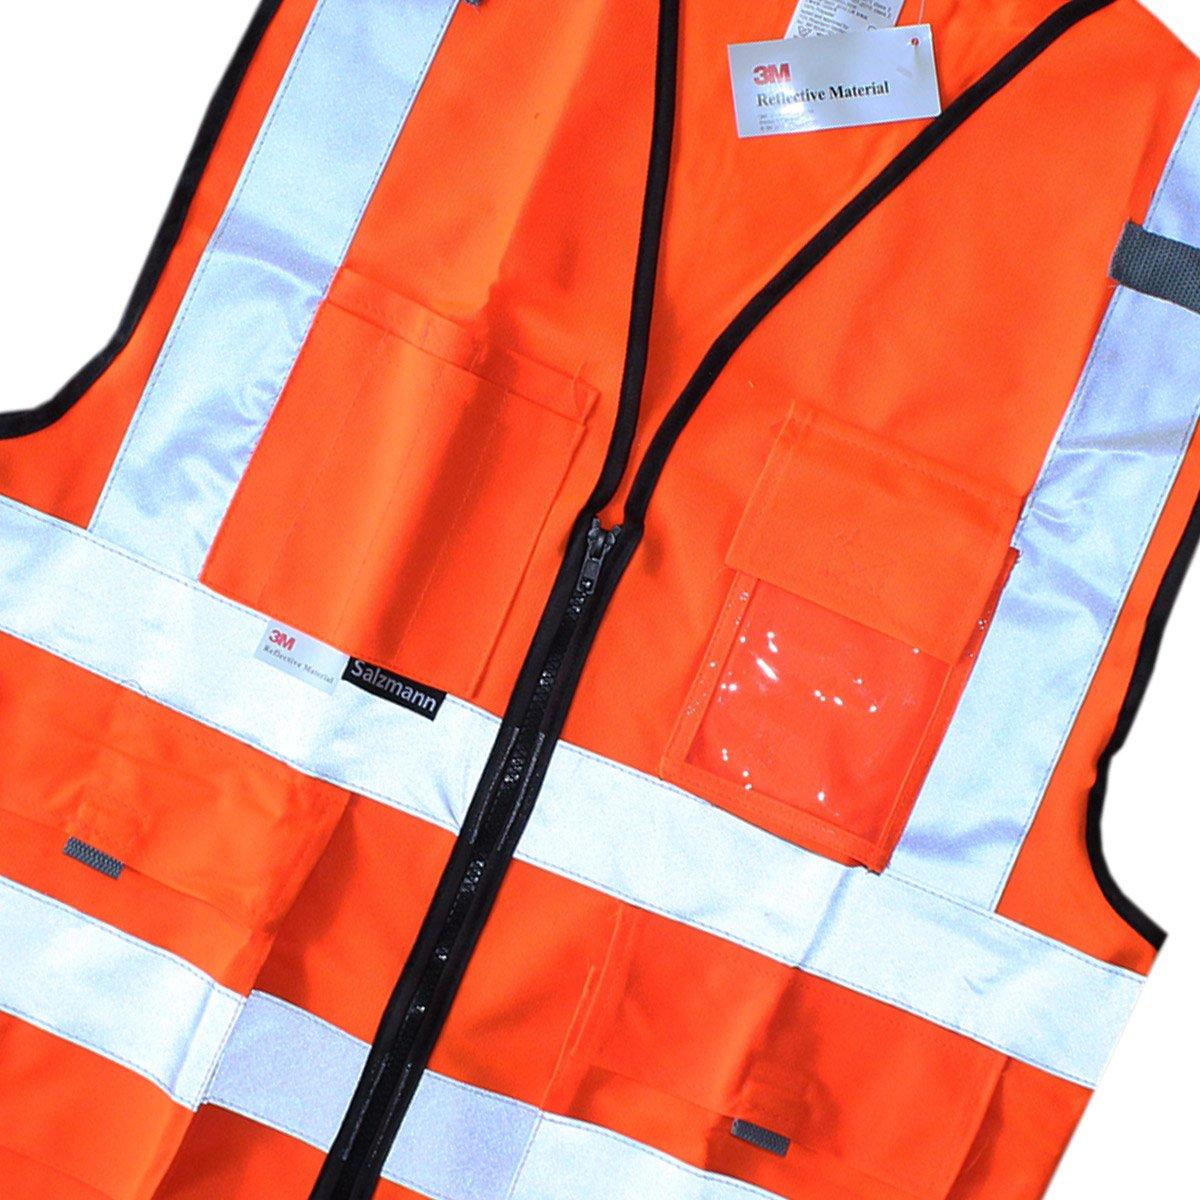 Mehreren Taschen und Rei/ßverschluss ausgestattet mit 3M Reflektierendem Material Salzmann 3M Arbeitsweste aus luftdurchl/ässigem Mesh-Gewebe